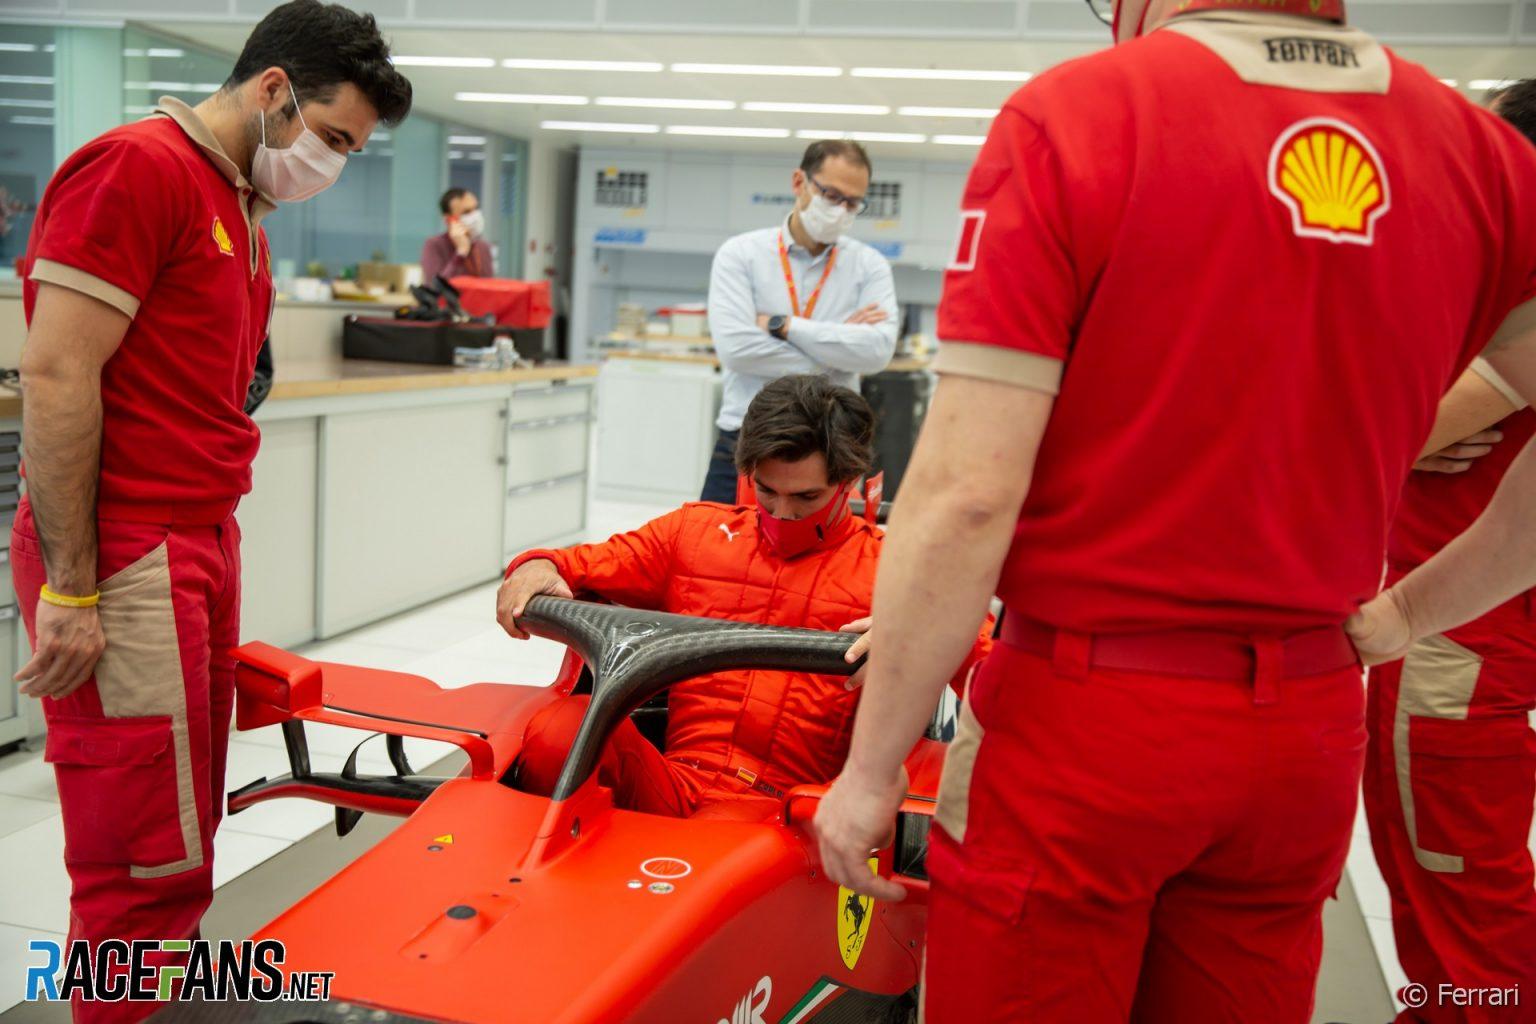 racefansdotnet-20201219-082849-2-1536x10